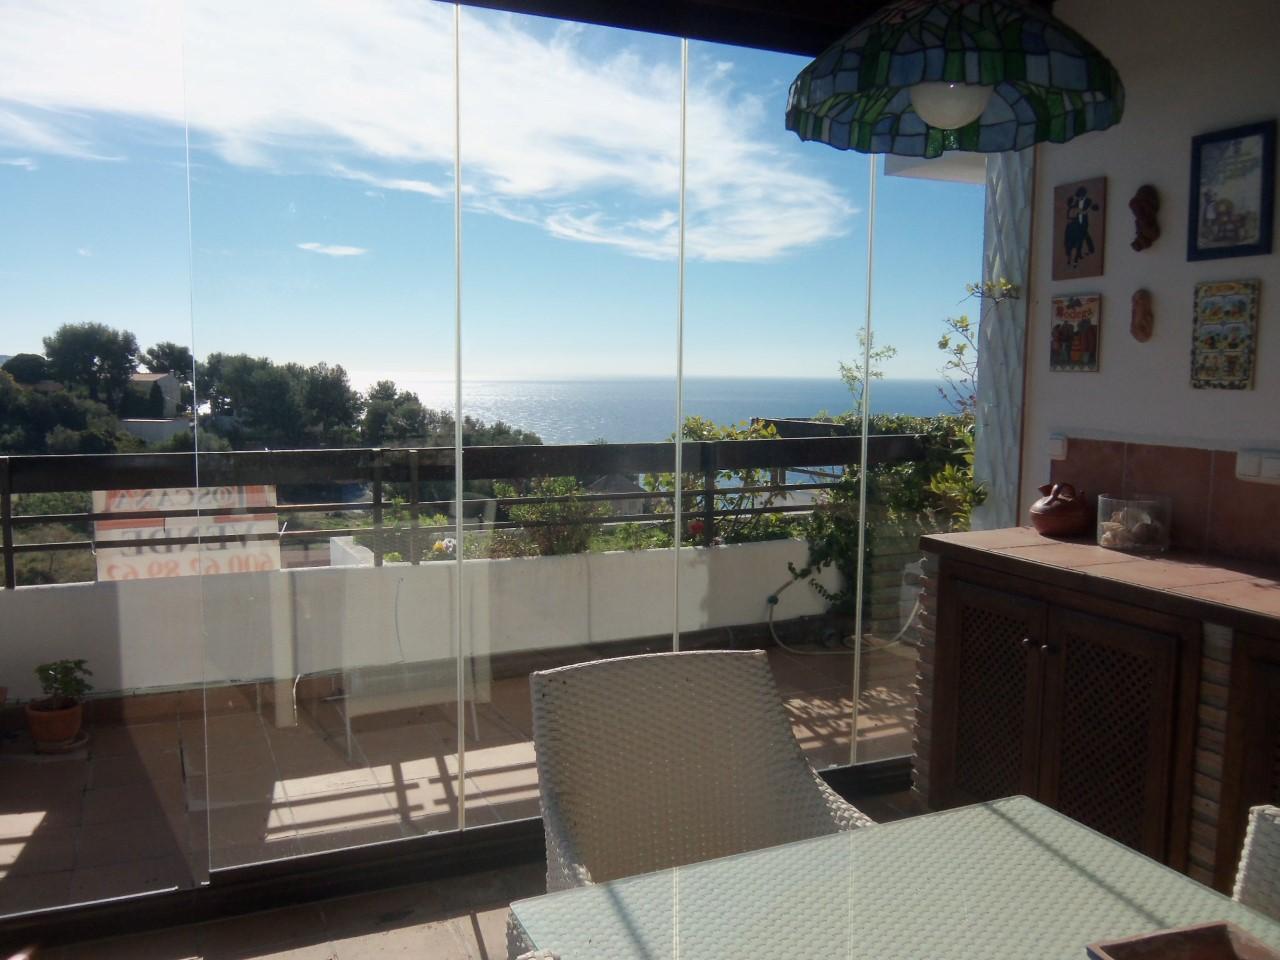 1201 W Pointe Villas Boulevard At 1201 W Pointe Villas Boulevard Palisades Resort Condo Hotel